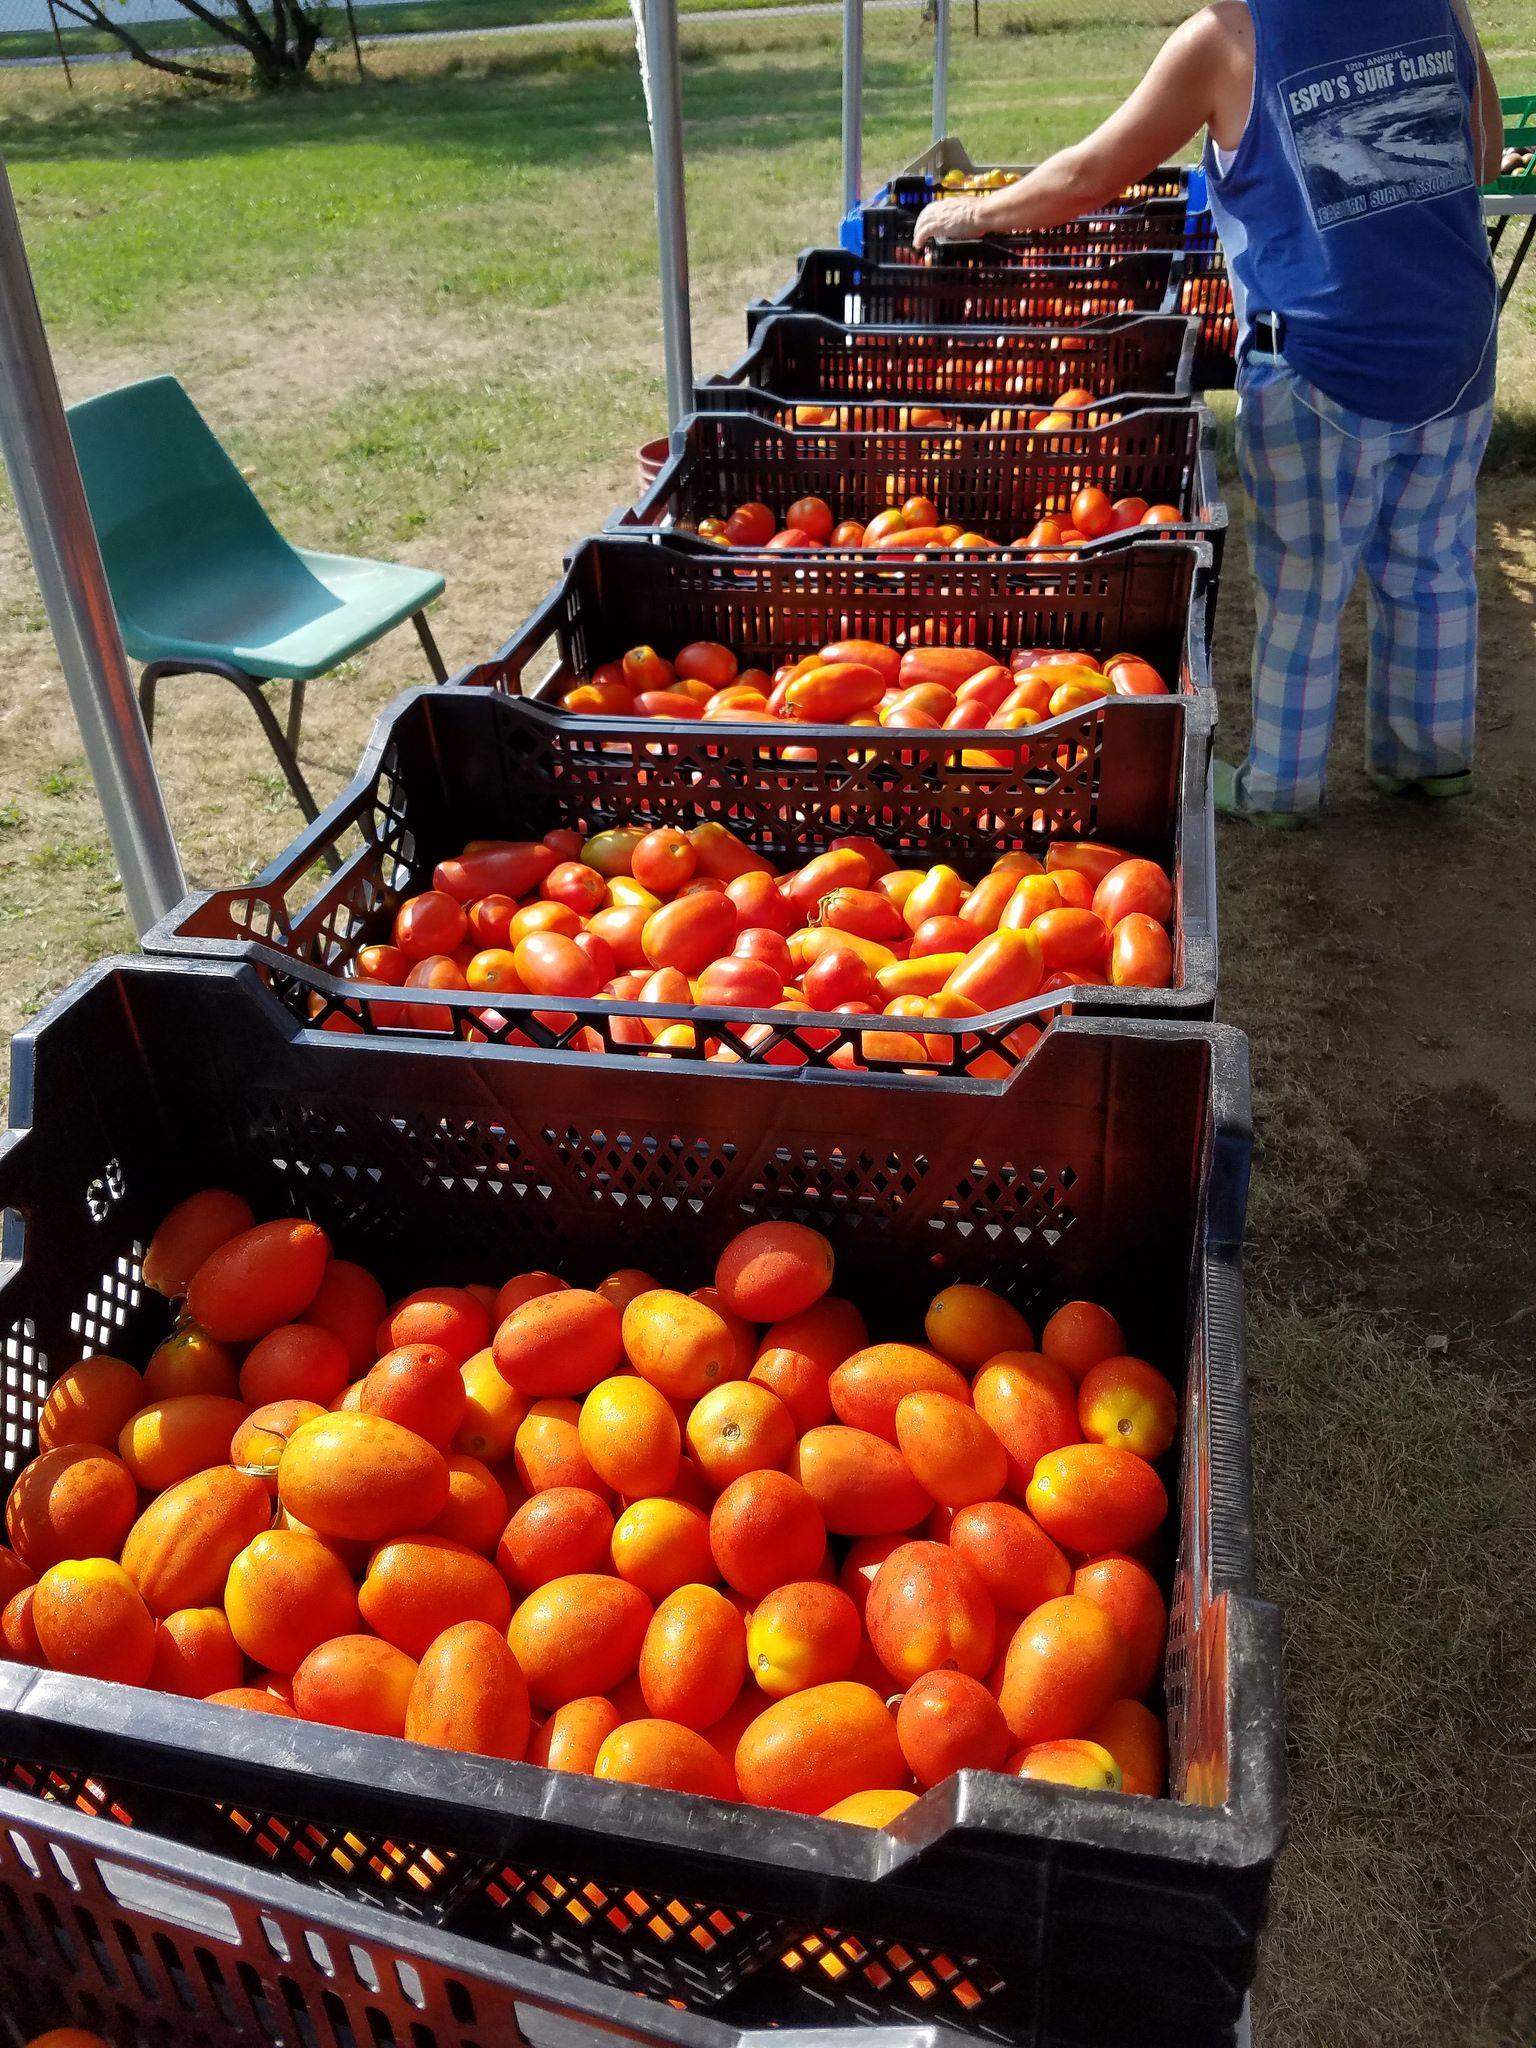 Tomatoes at an organic CSA farm, Long Island, NY Csa